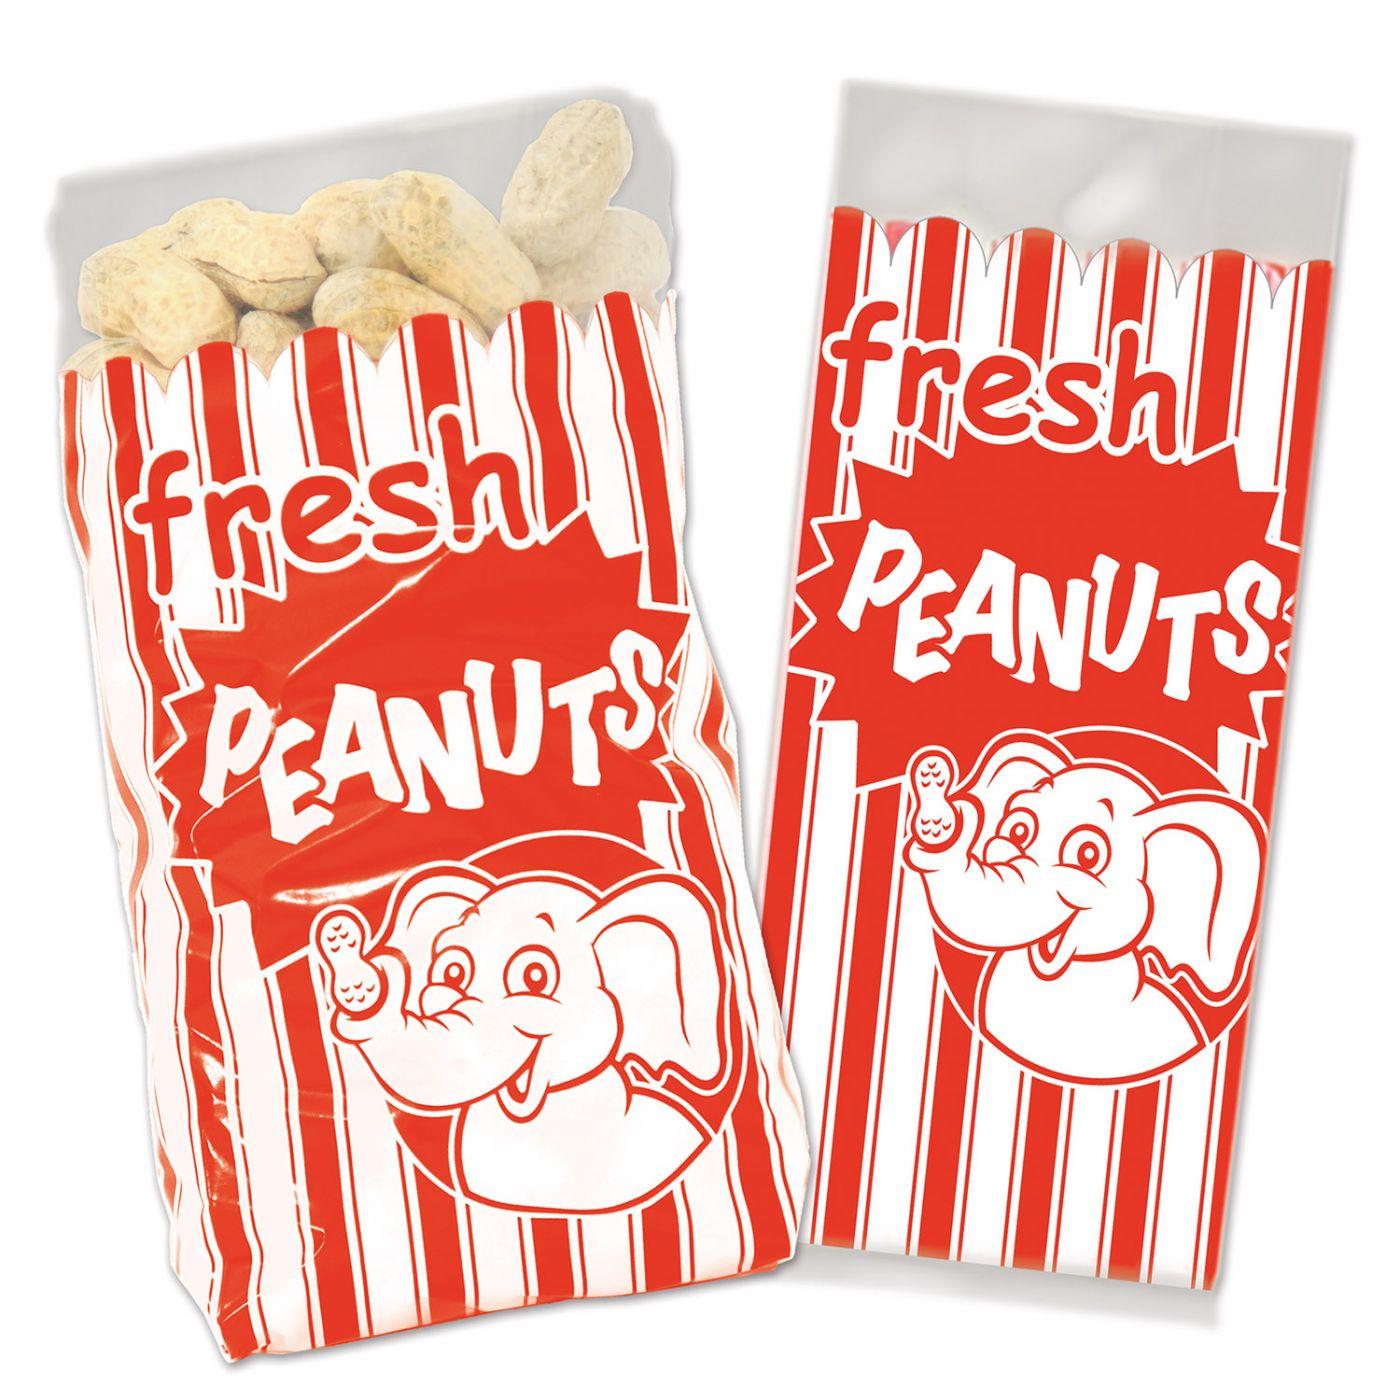 Peanut Bags image